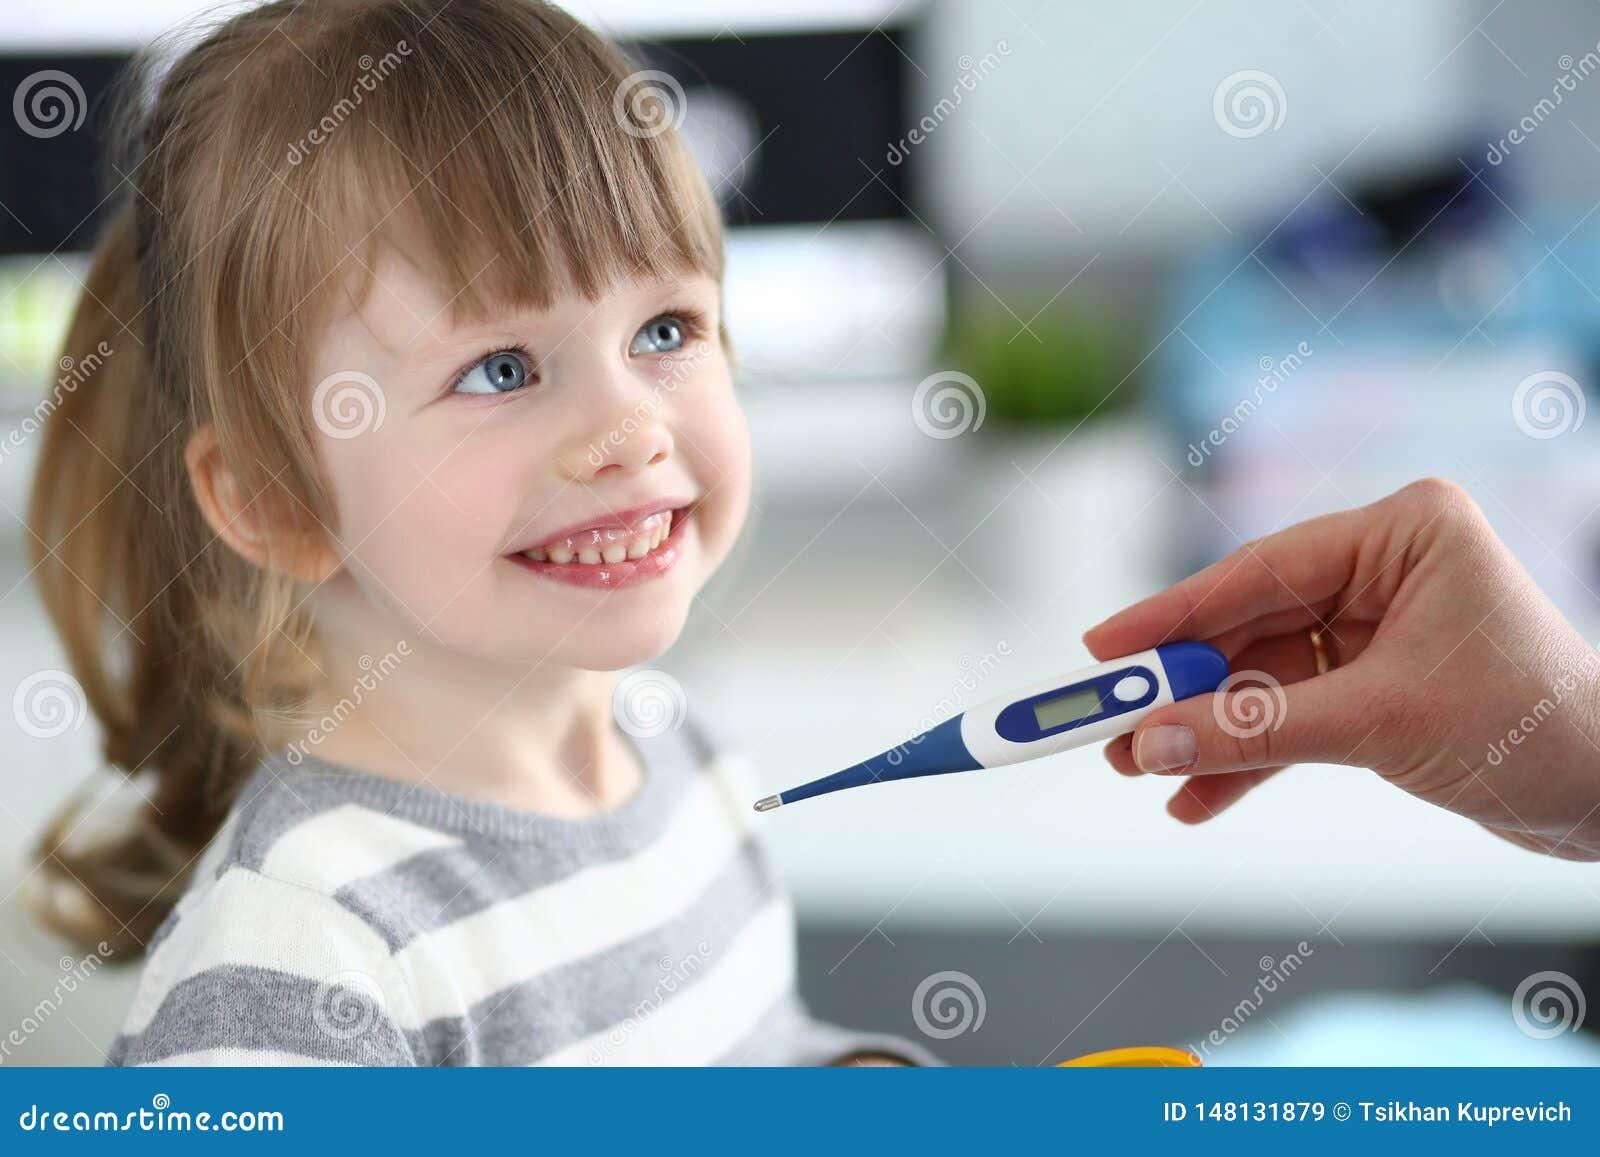 Termometro femminile della tenuta della mano che misura bambina malata